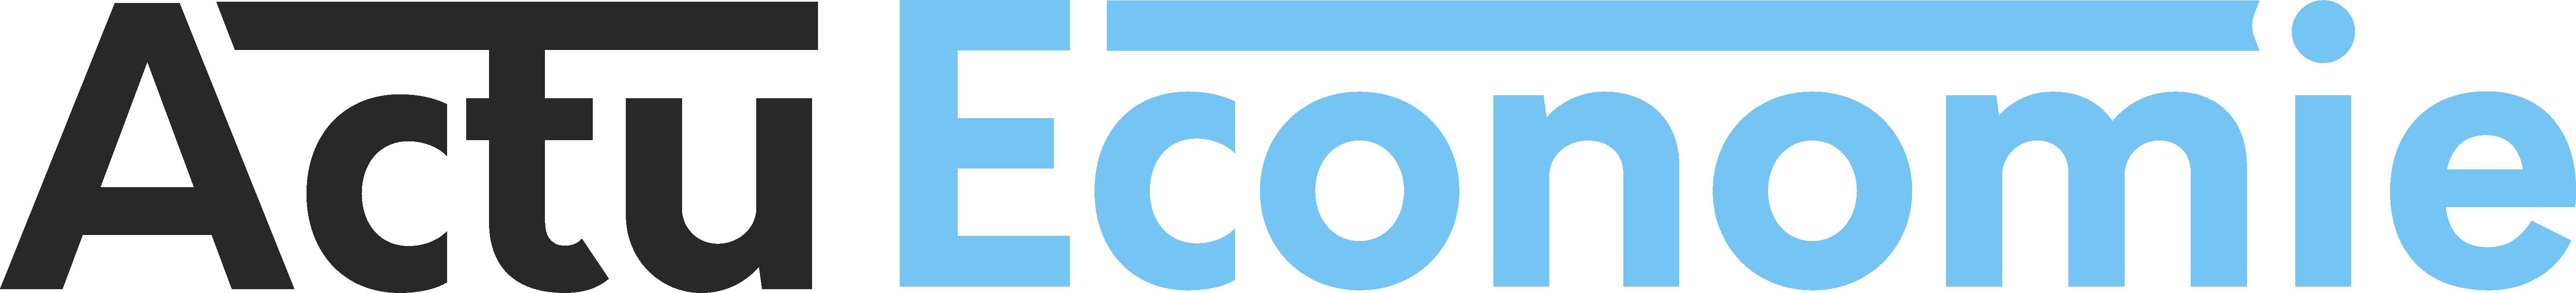 Actu-Economie